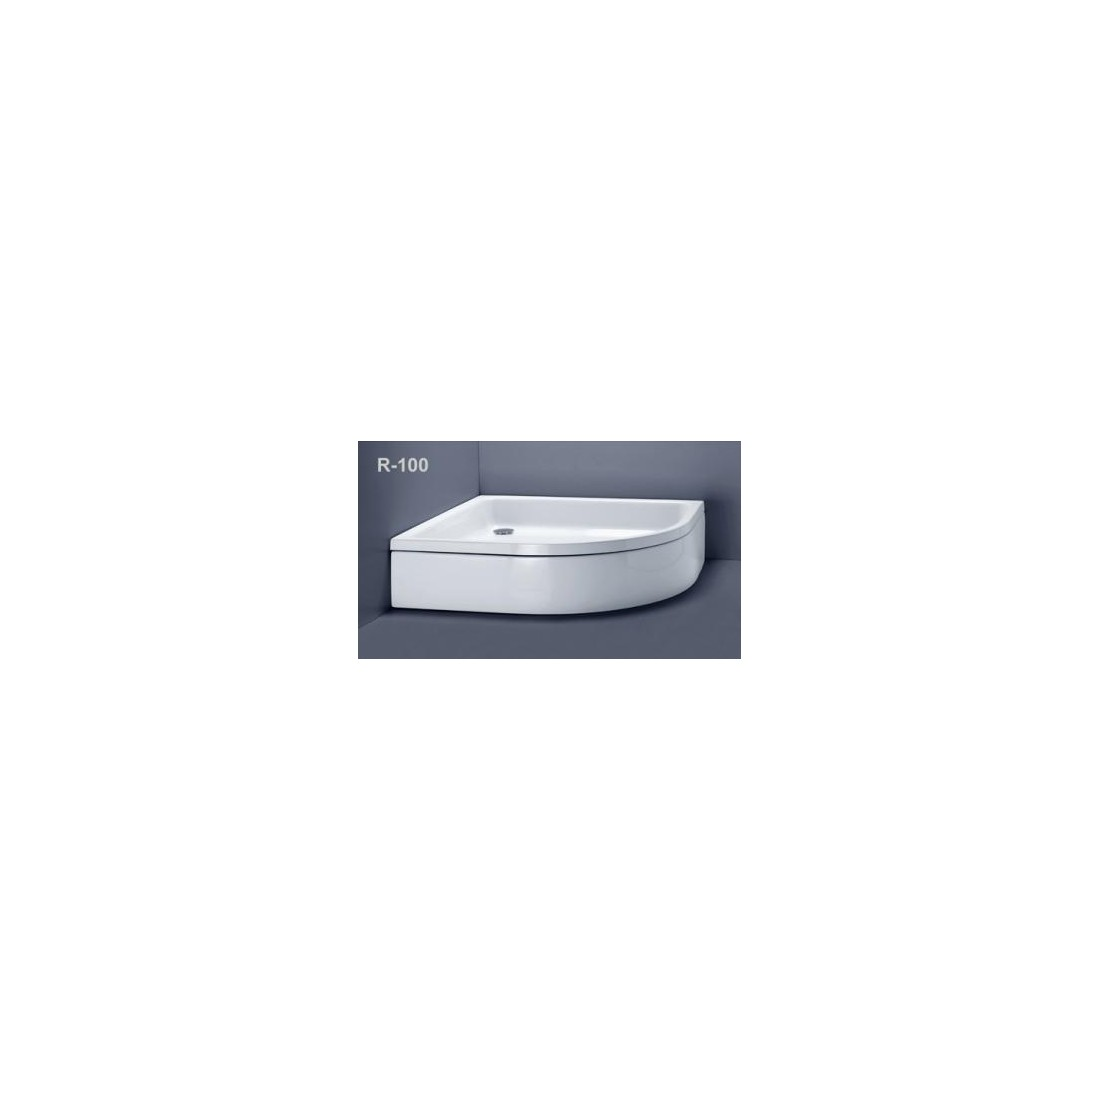 Akmens masės pusapvalis dušo padėklas VISPOOL R-100 su apdaila (r550)